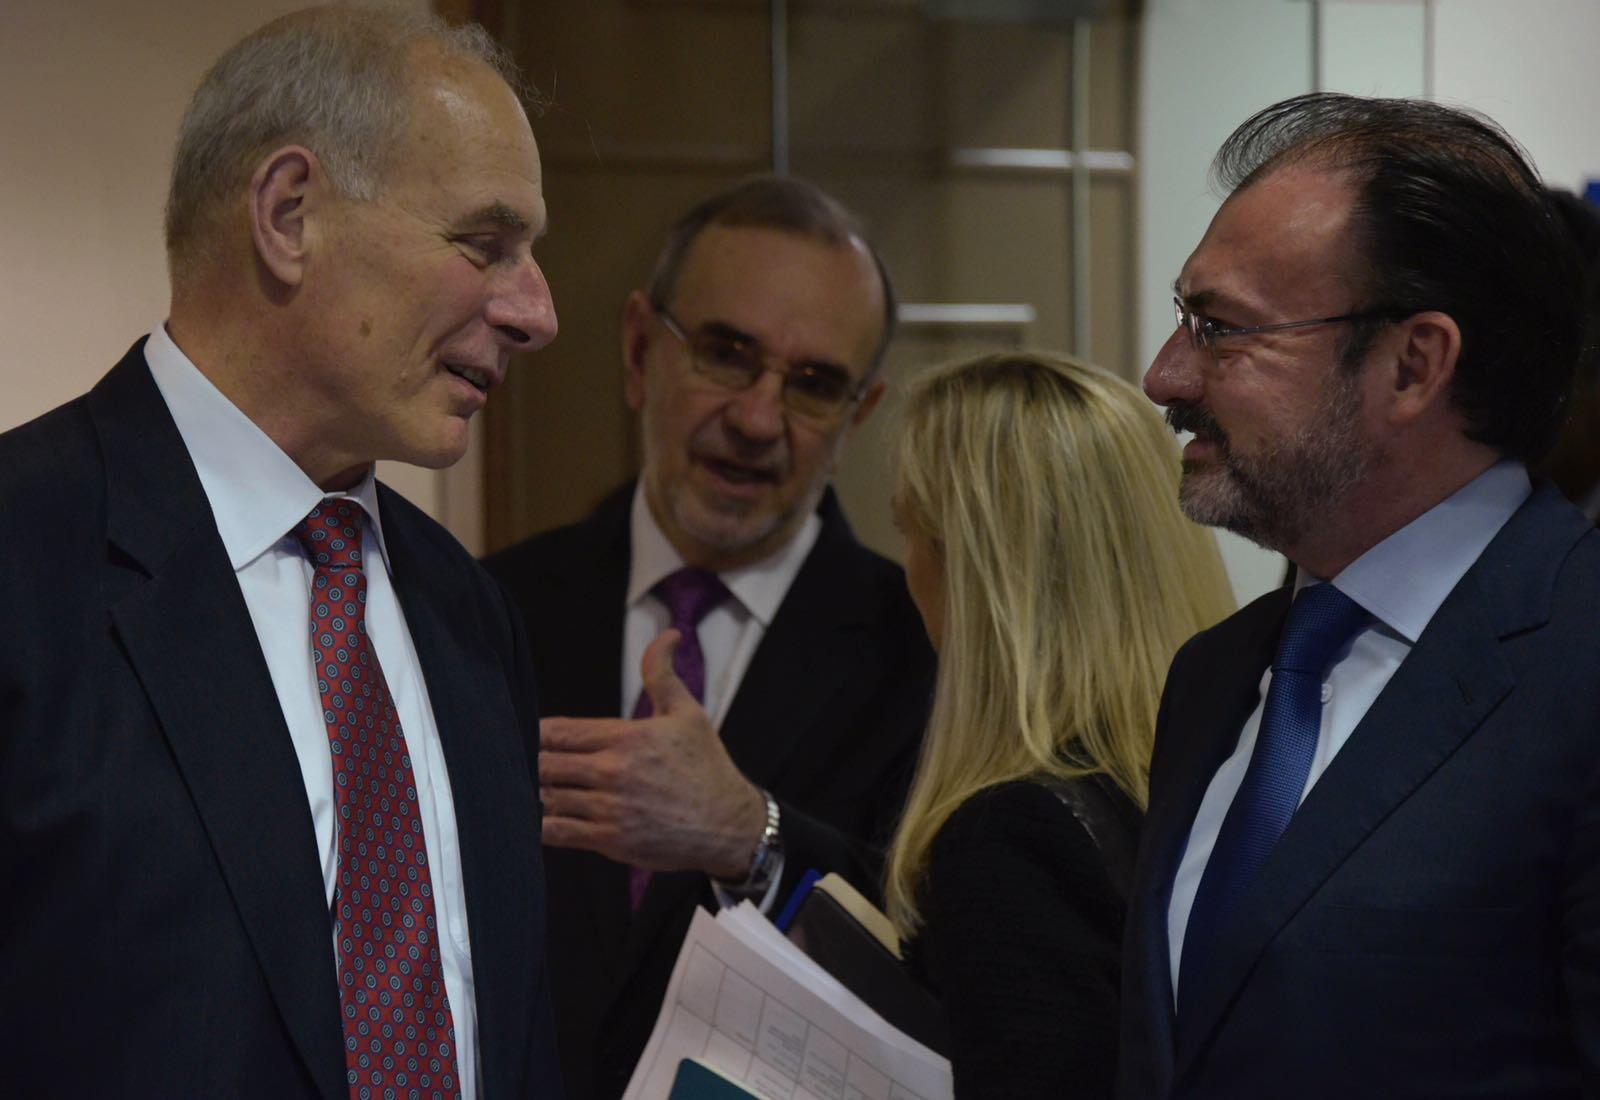 El Canciller Luis Videgaray se reunió con el Secretario de Seguridad Interna de Estados Unidos, John Kelly.